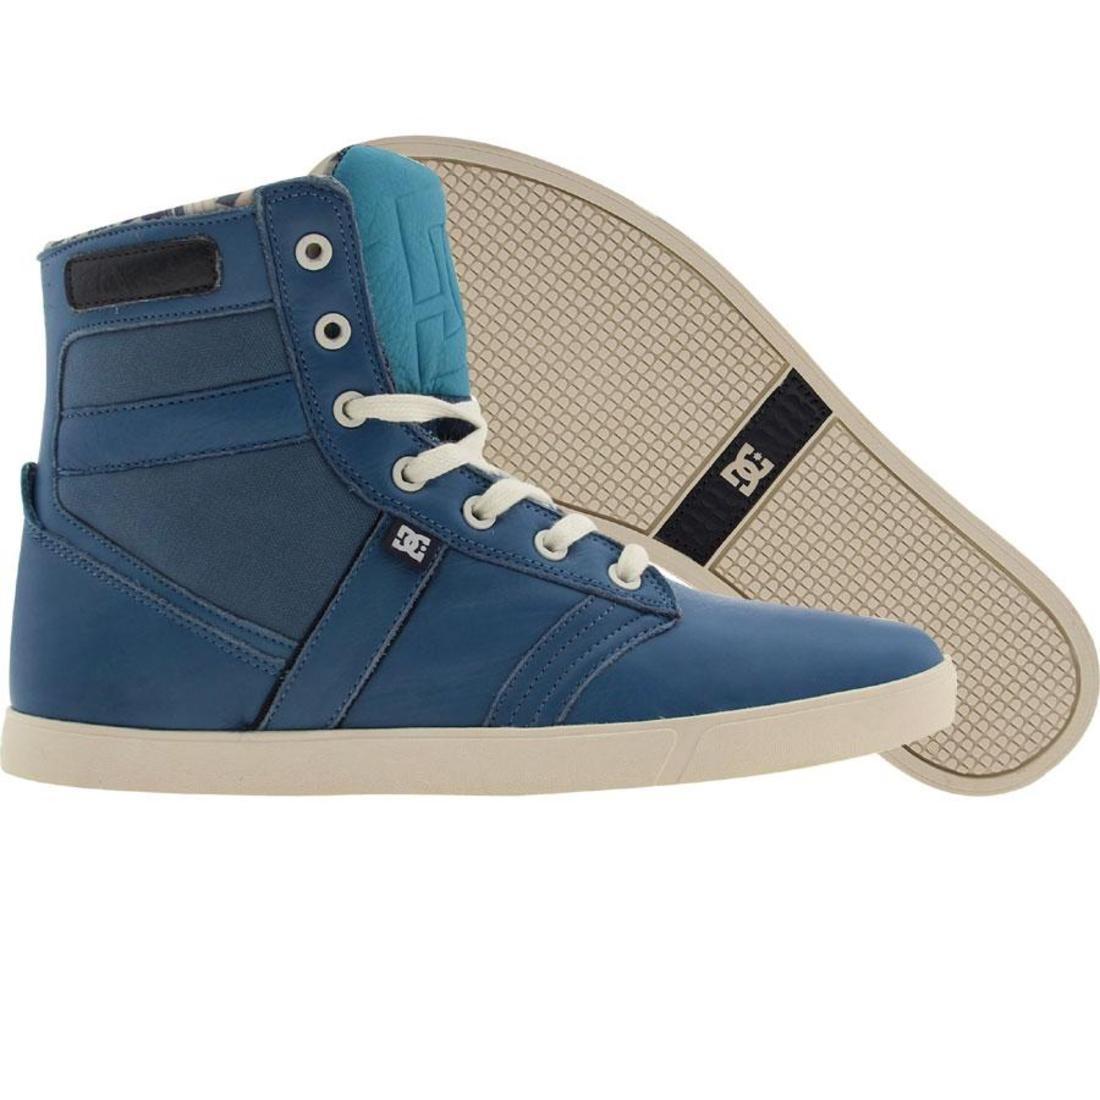 【海外限定】ディーシー コレクション アドミラル メンズ靴 スニーカー 【 DC LIFE COLLECTION ADMIRAL MARITIME 】